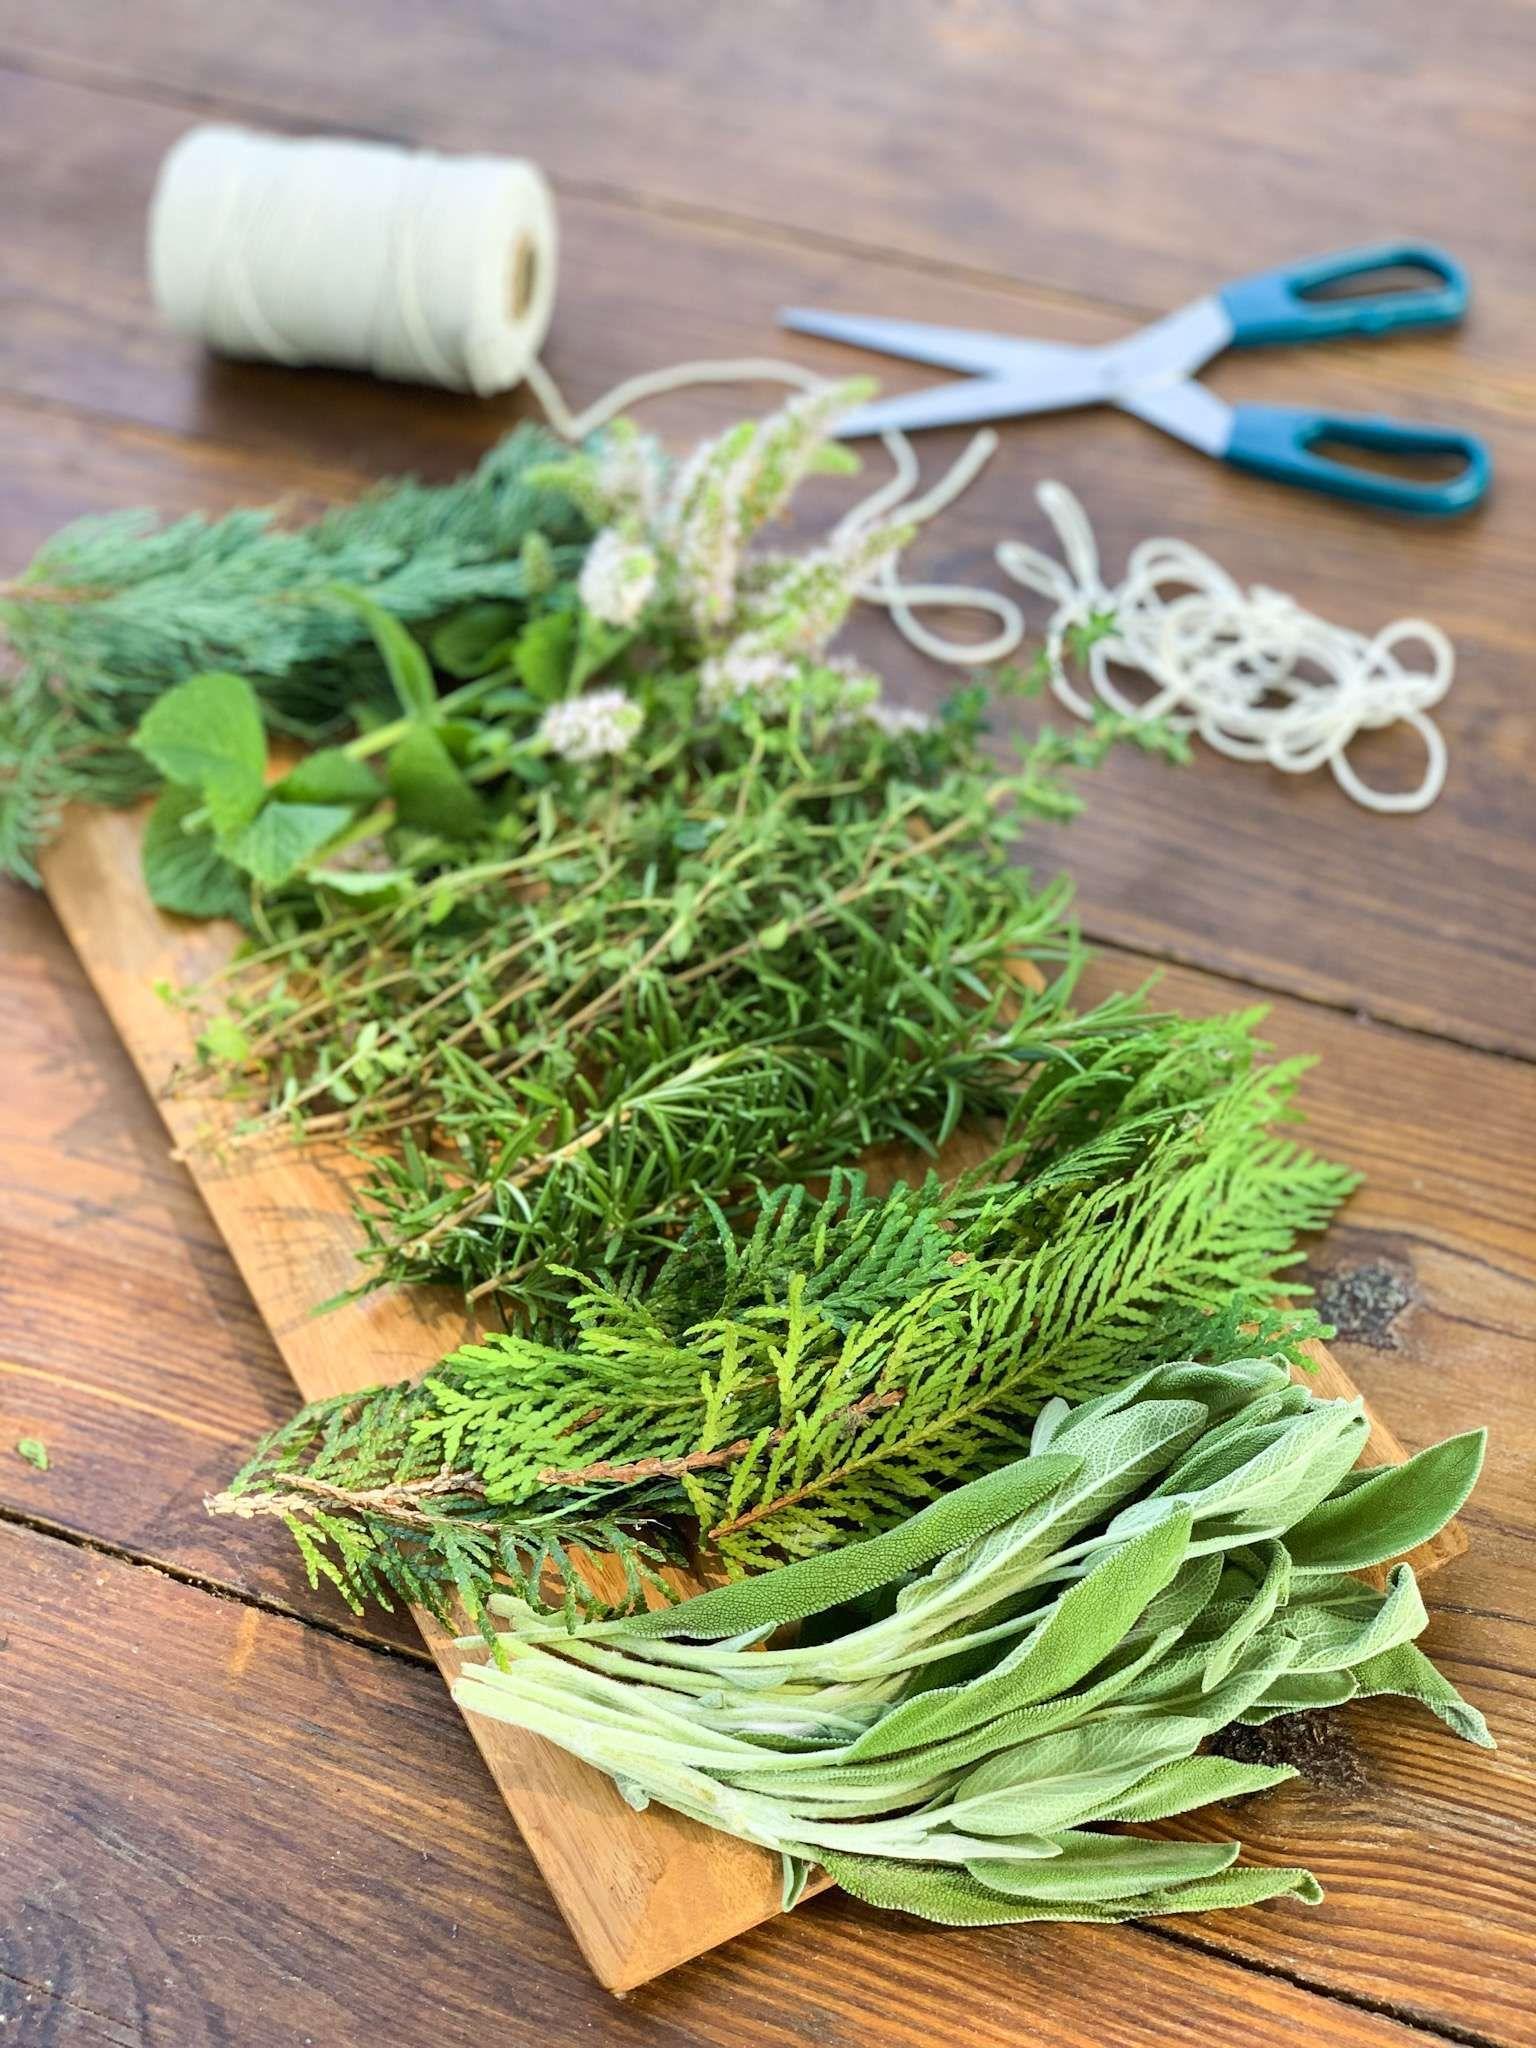 How To Make A Cedar Smudge Stick : cedar, smudge, stick, Smudge, Sticks, Sticks,, Cedar